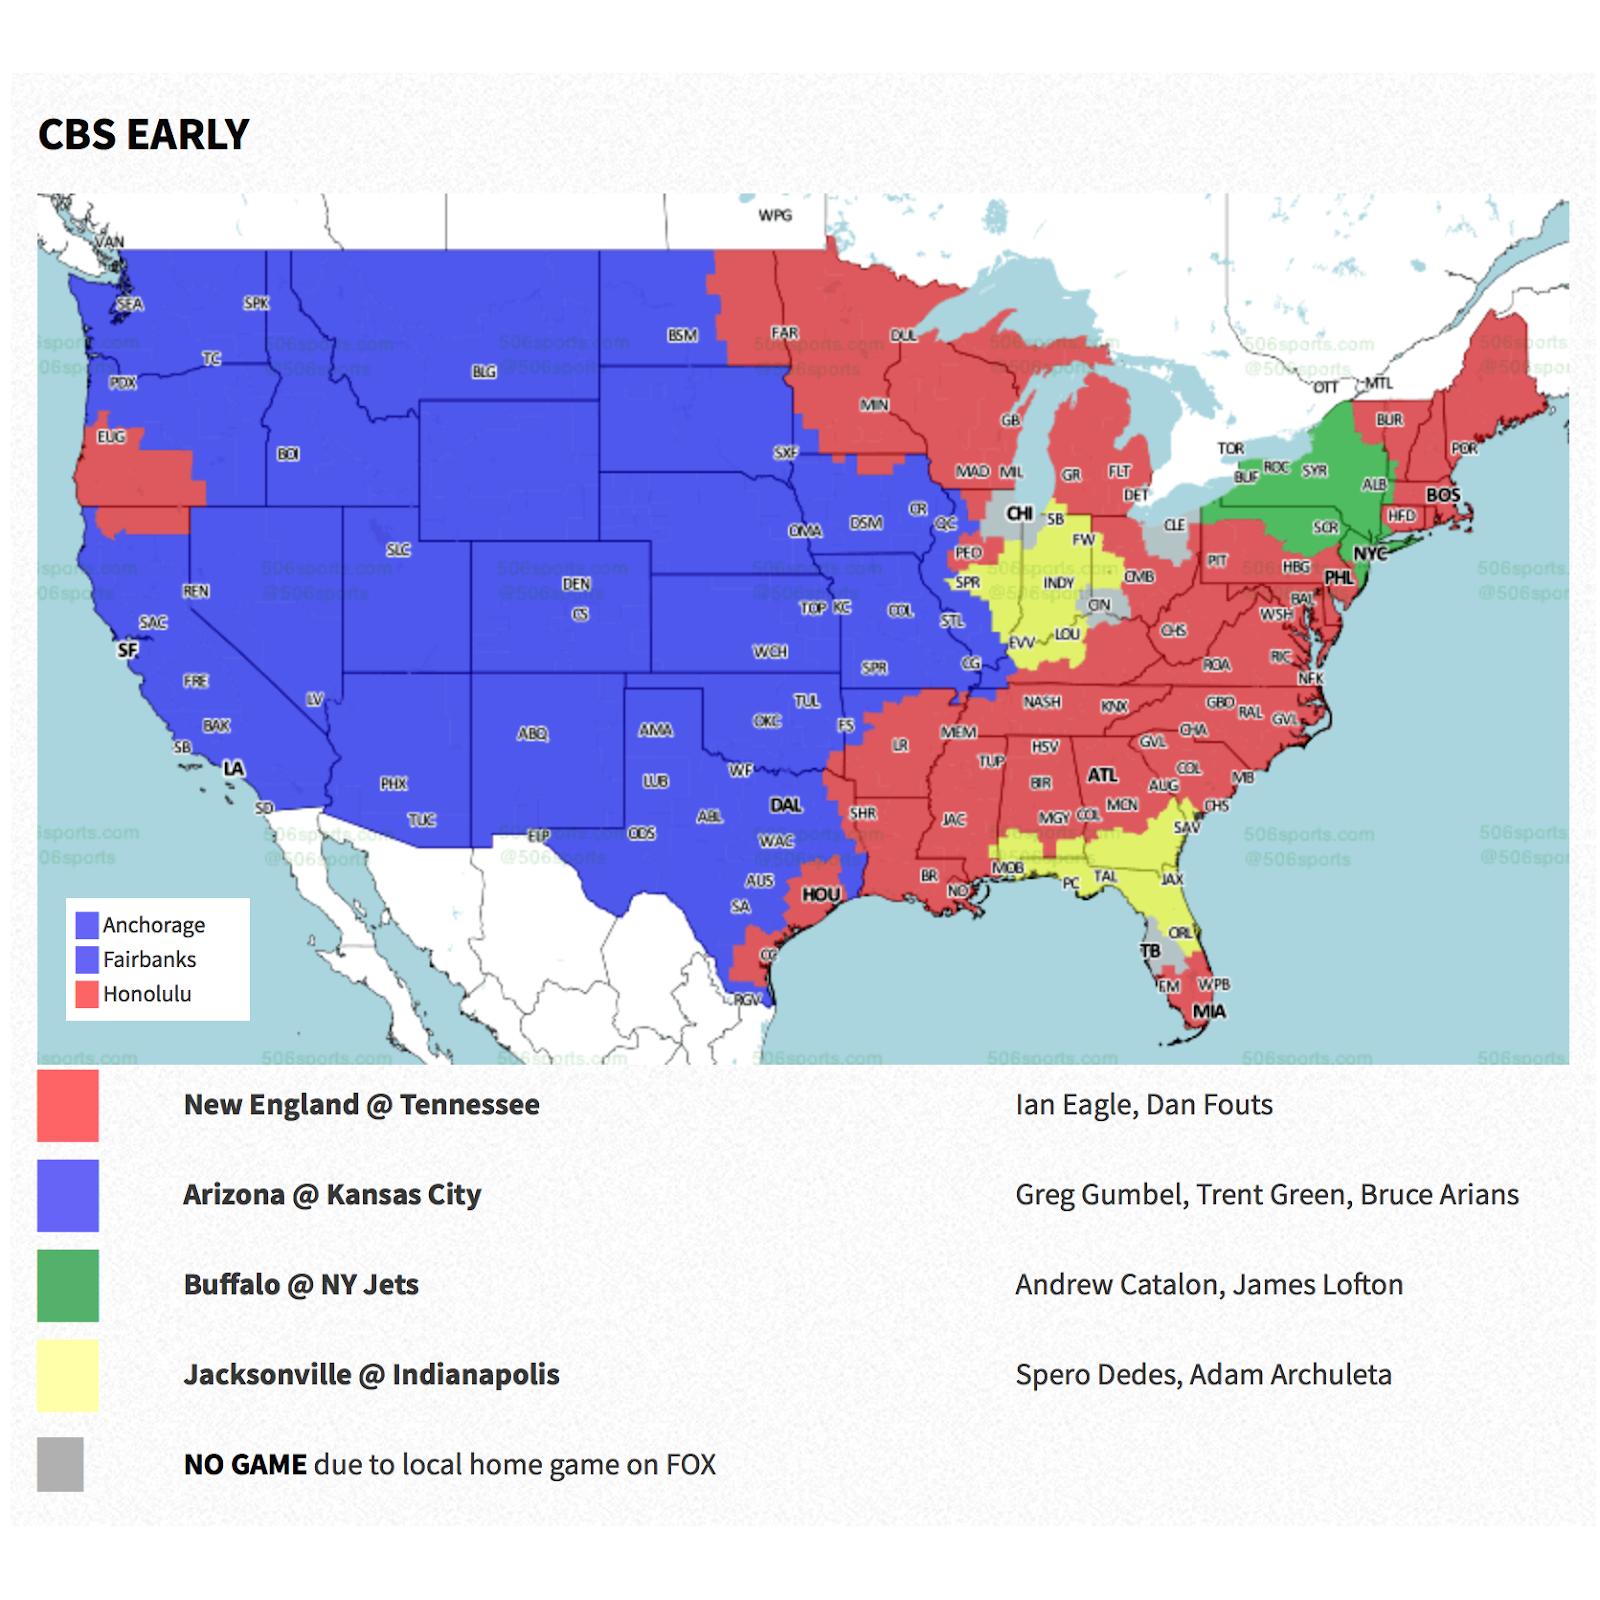 PACKERVILLE, U.S.A.: 2018 Week 10 NFL TV Maps